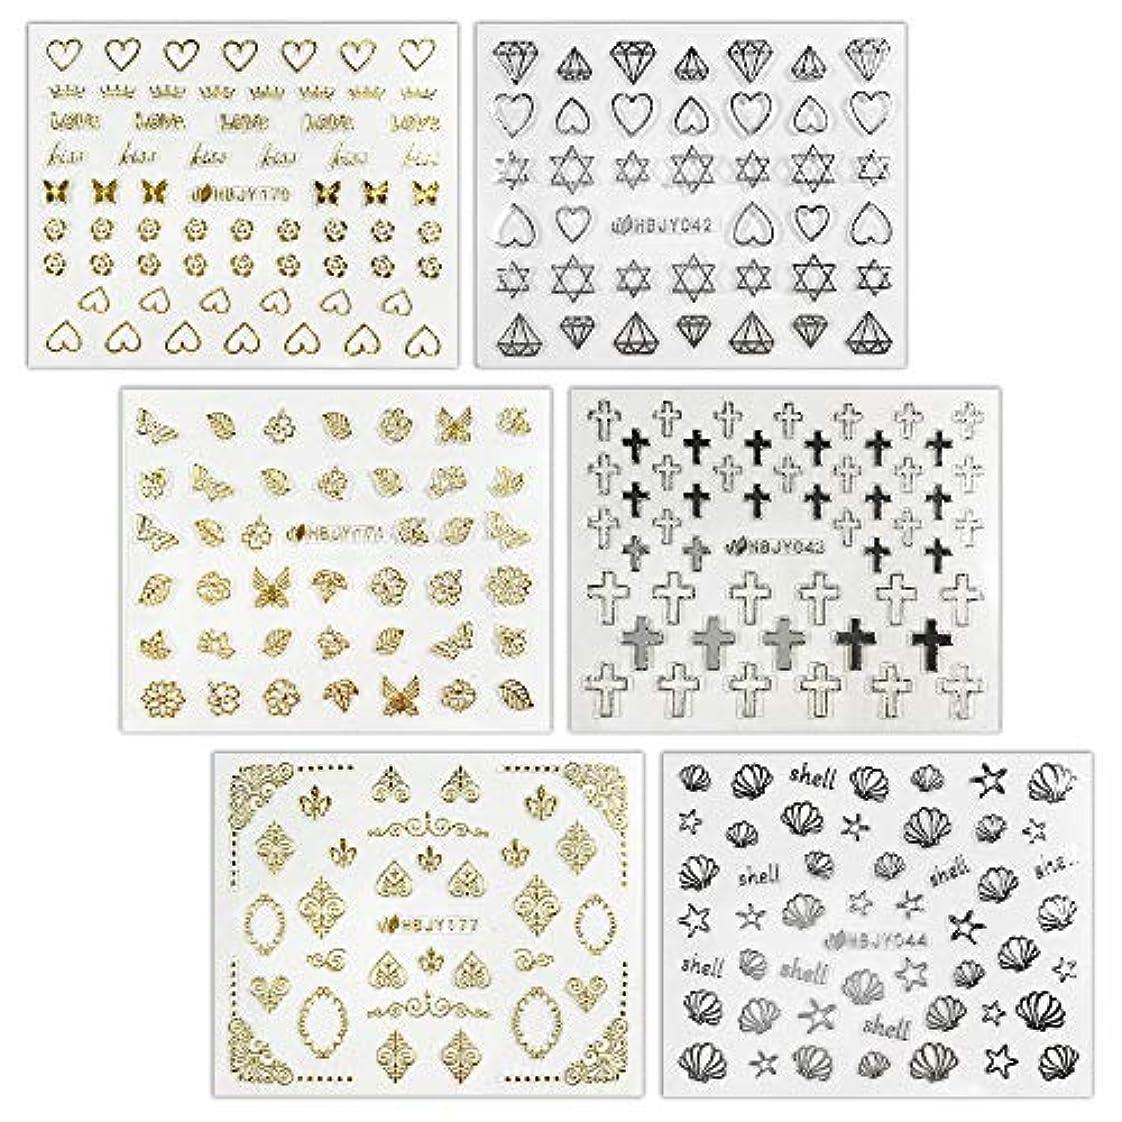 猛烈などちらもシエスタ【リュミエラ】6枚セット レジン ネイル シールC【6種類各1枚 ゴールド?シルバー】 ハート バラ ダイヤ 十字架 etc. ネイルにも!